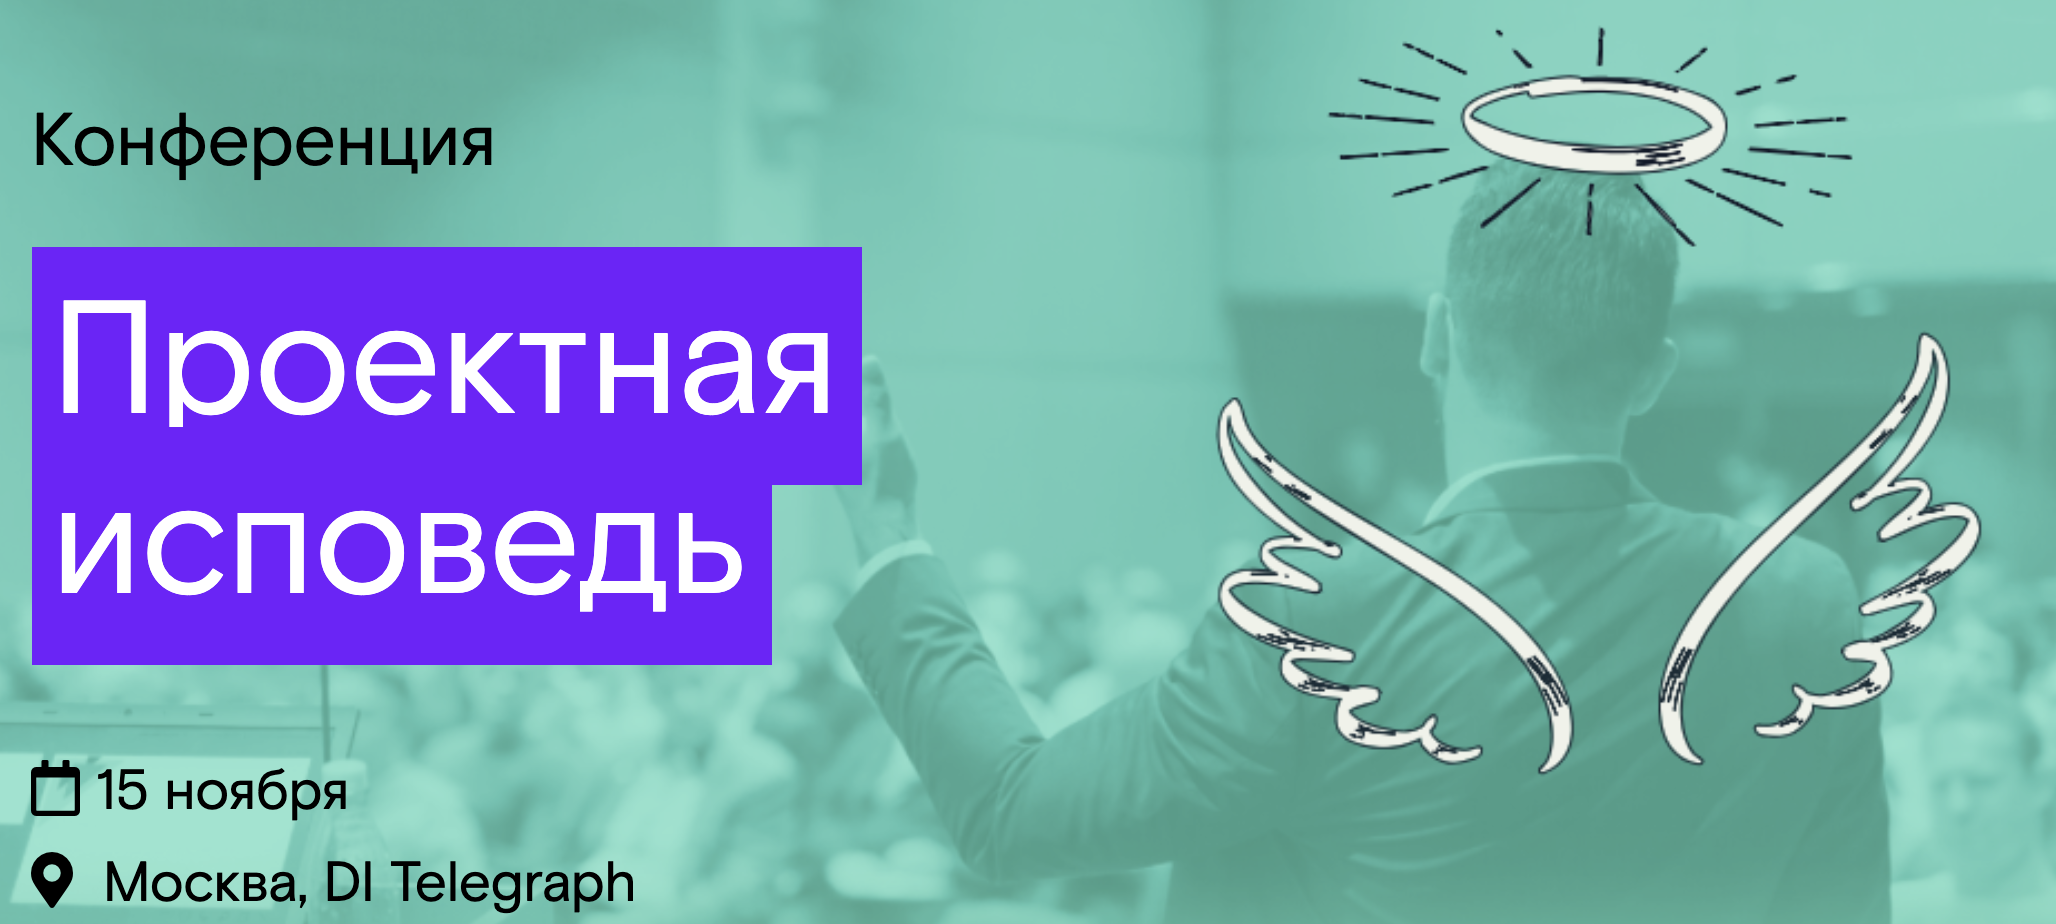 Проектная исповедь — 15 ноября, Москва, DI Telegraph - 1